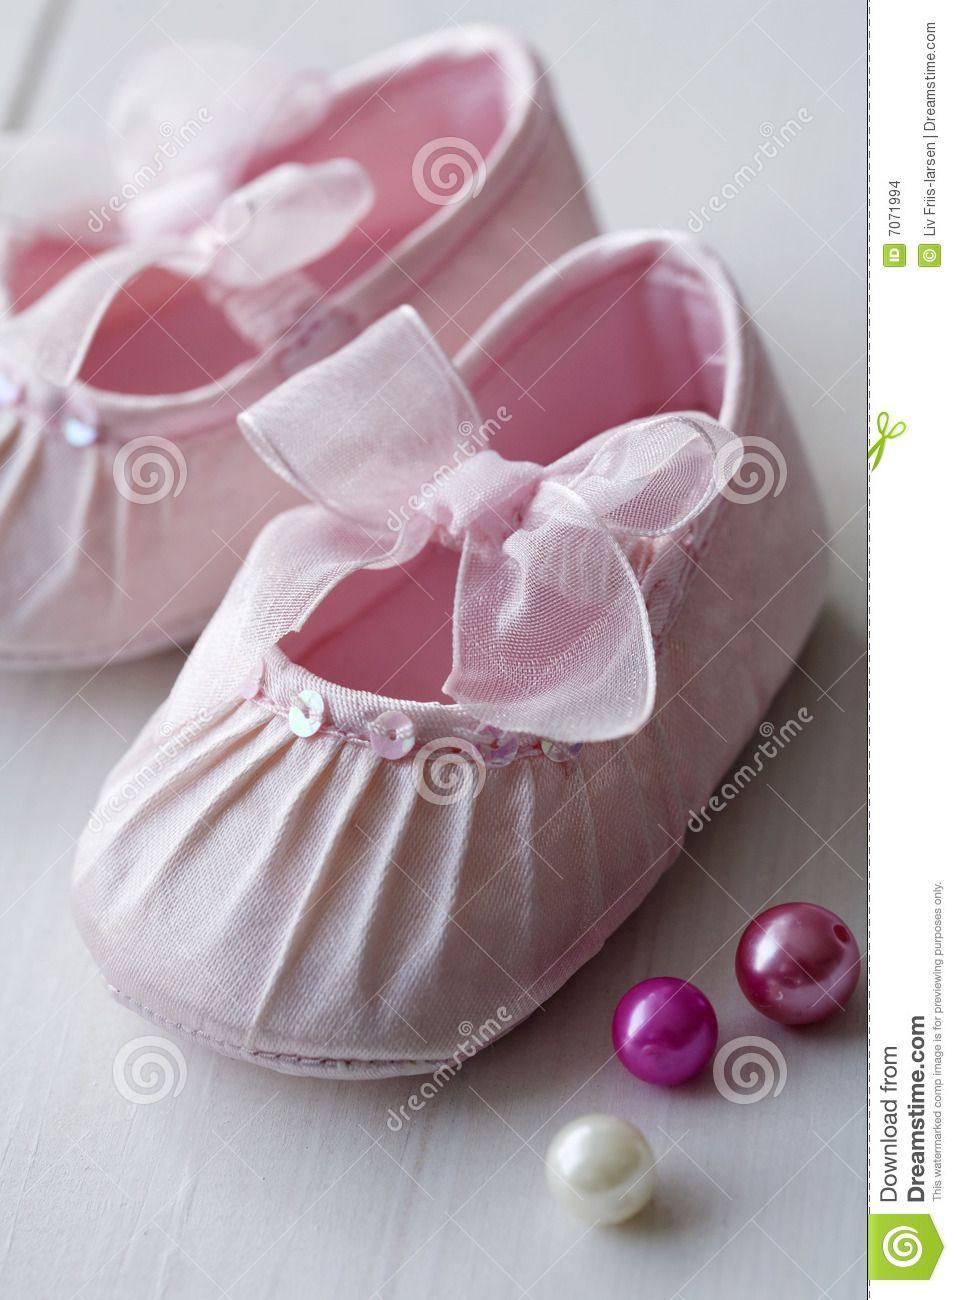 baby shoes - Buscar con Google